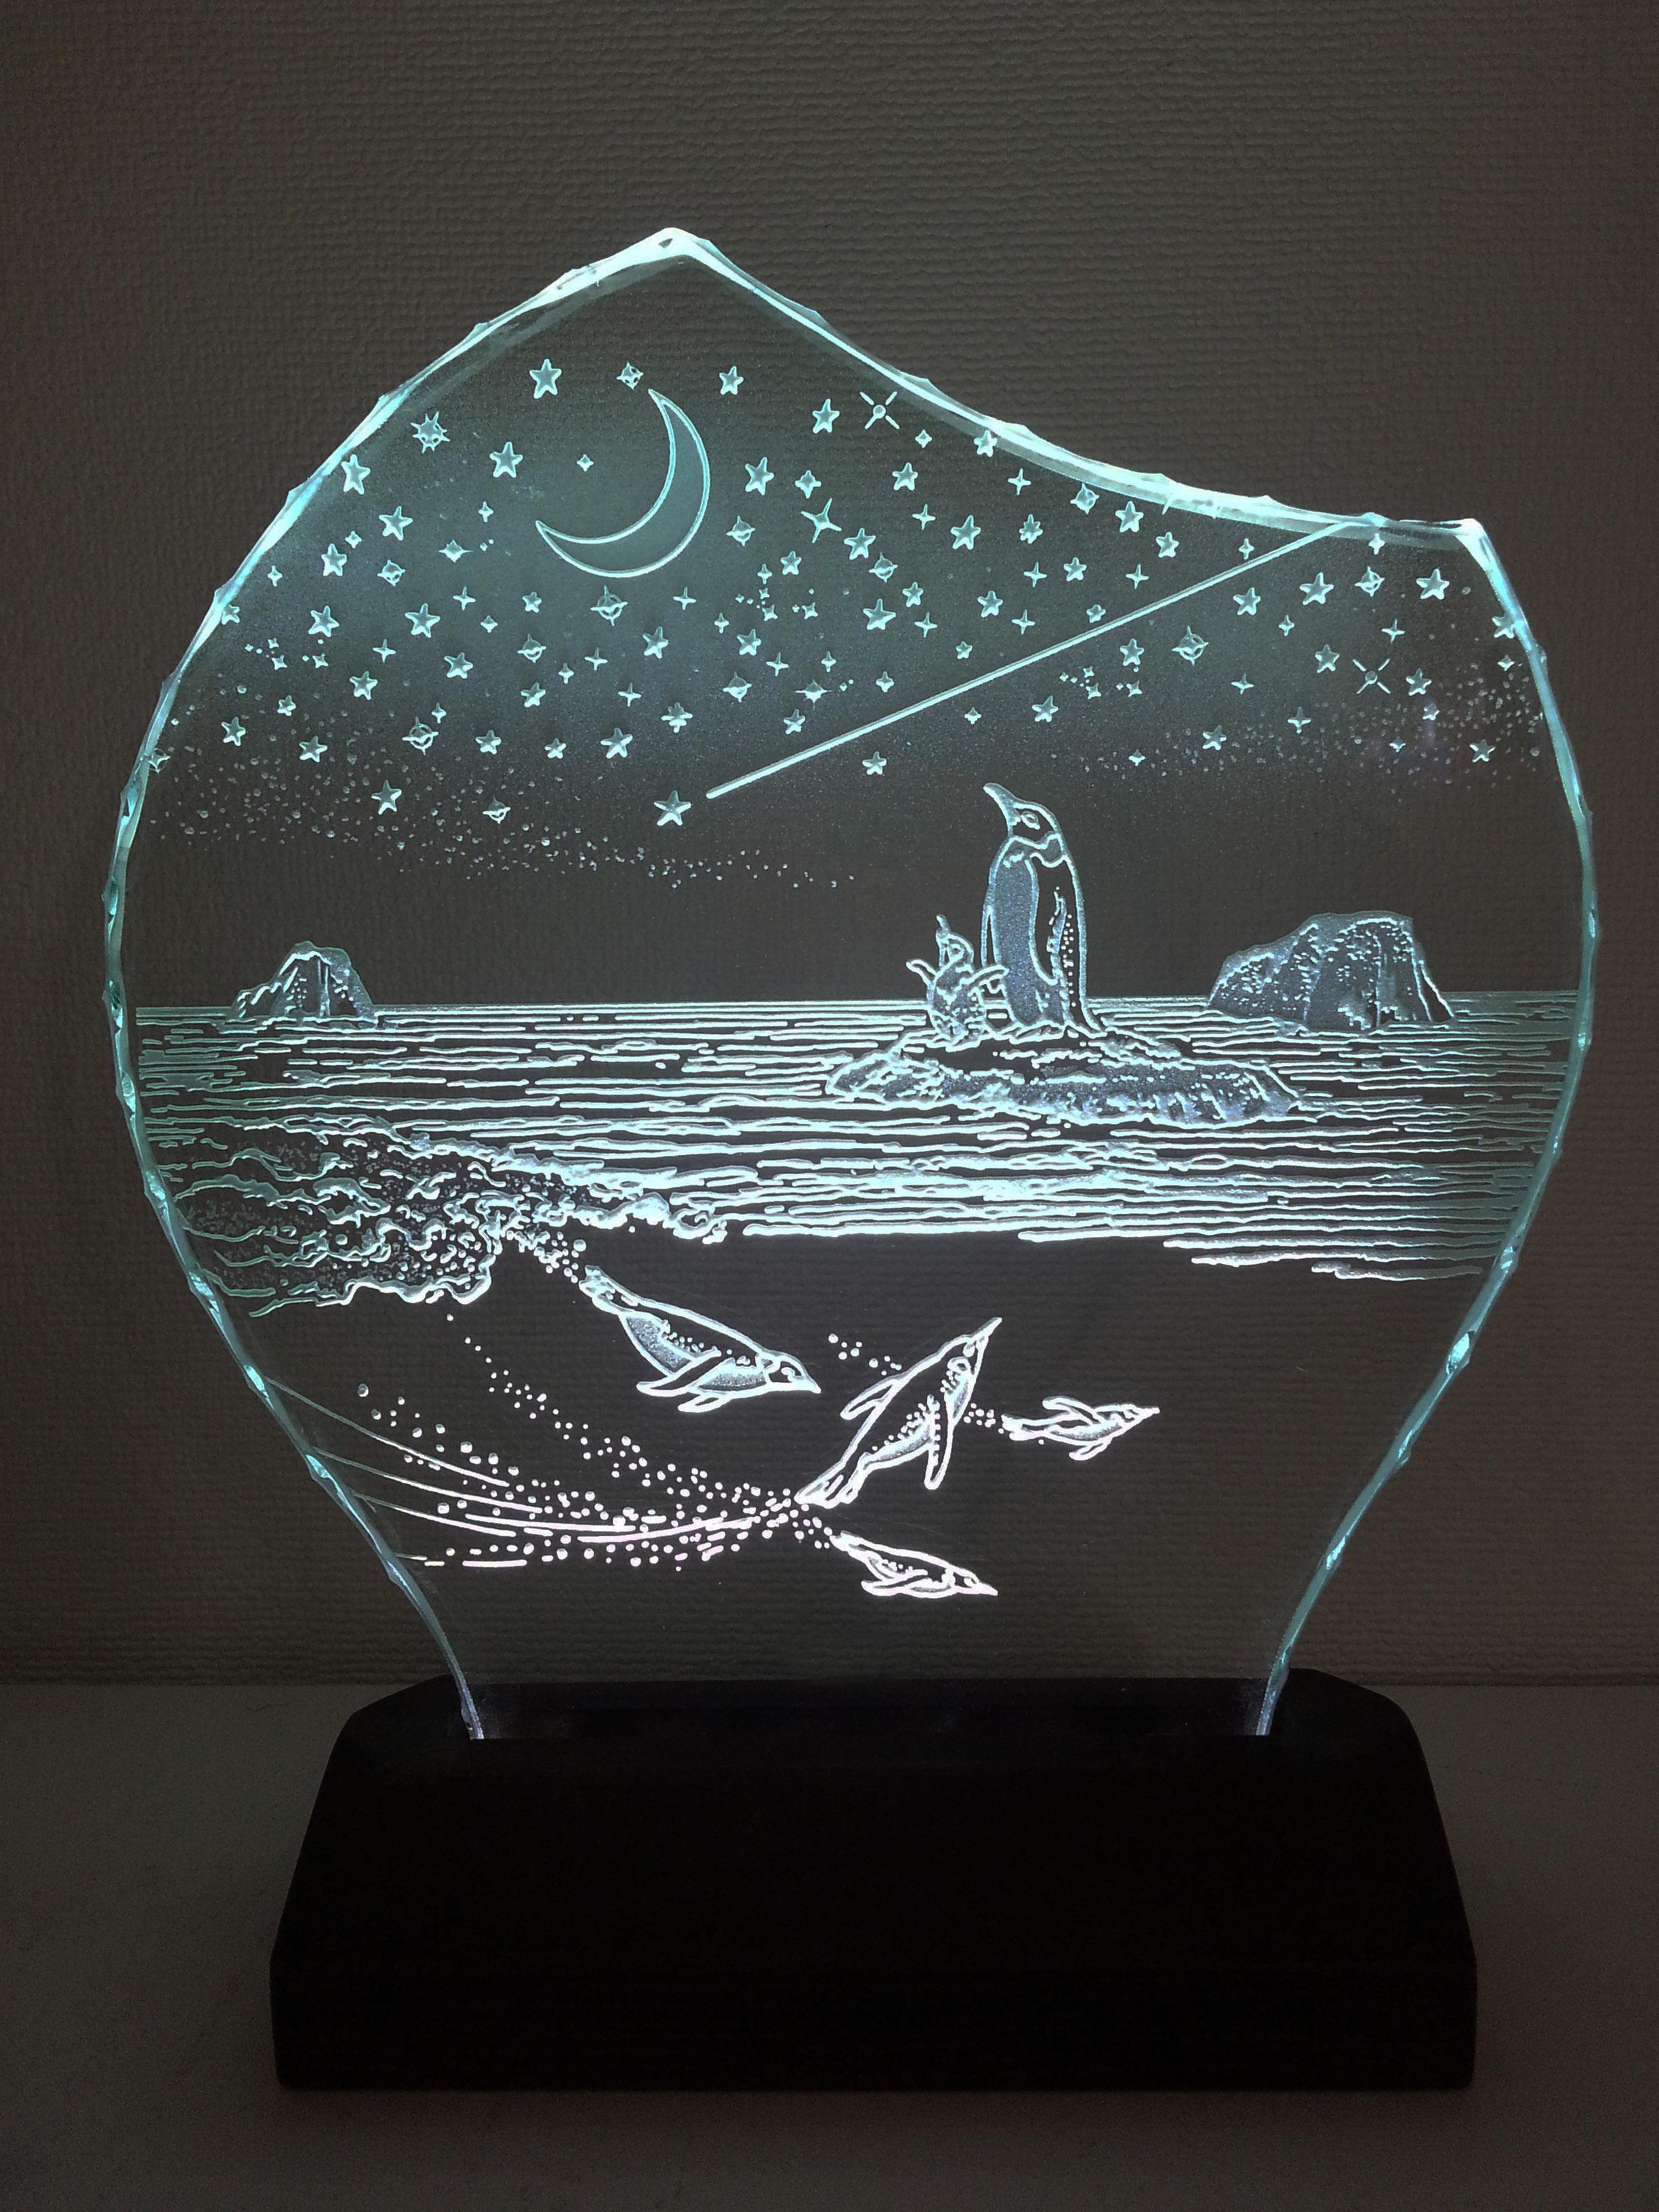 星降る夜・ペンギン ガラスエッチングパネル Mサイズ・LEDスタンドセット